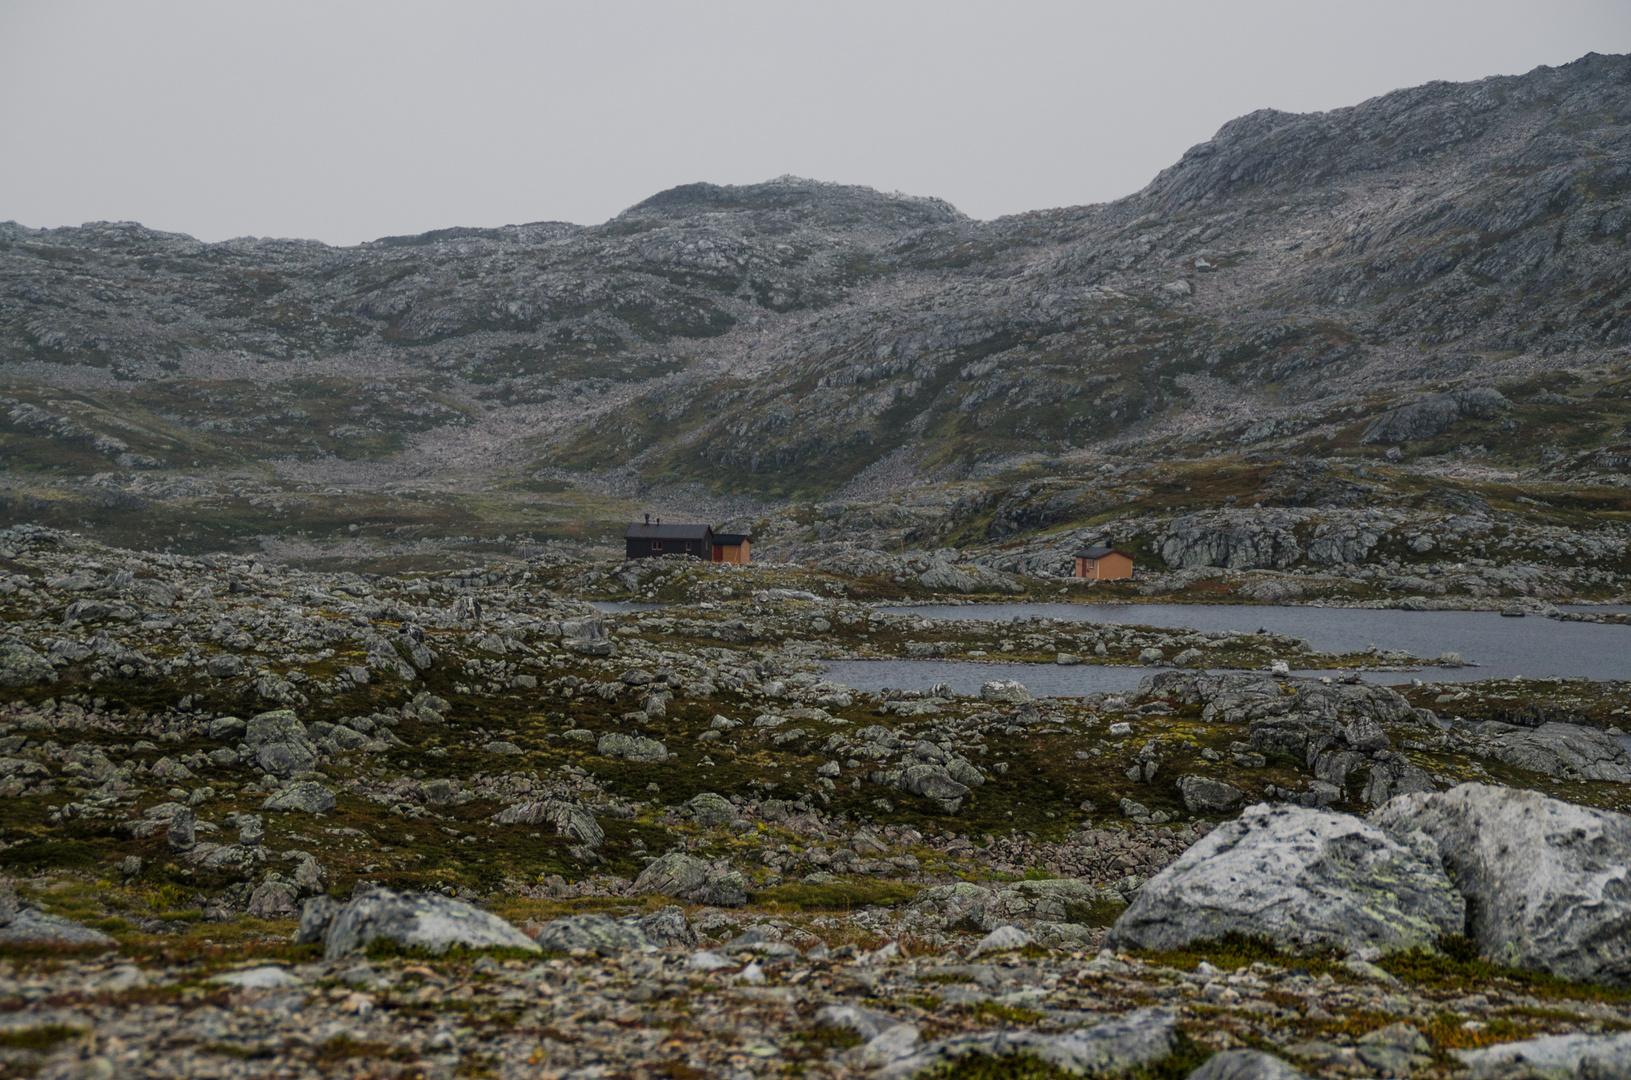 Ringvassbu die Hütte auf Ringvassoy kam näher